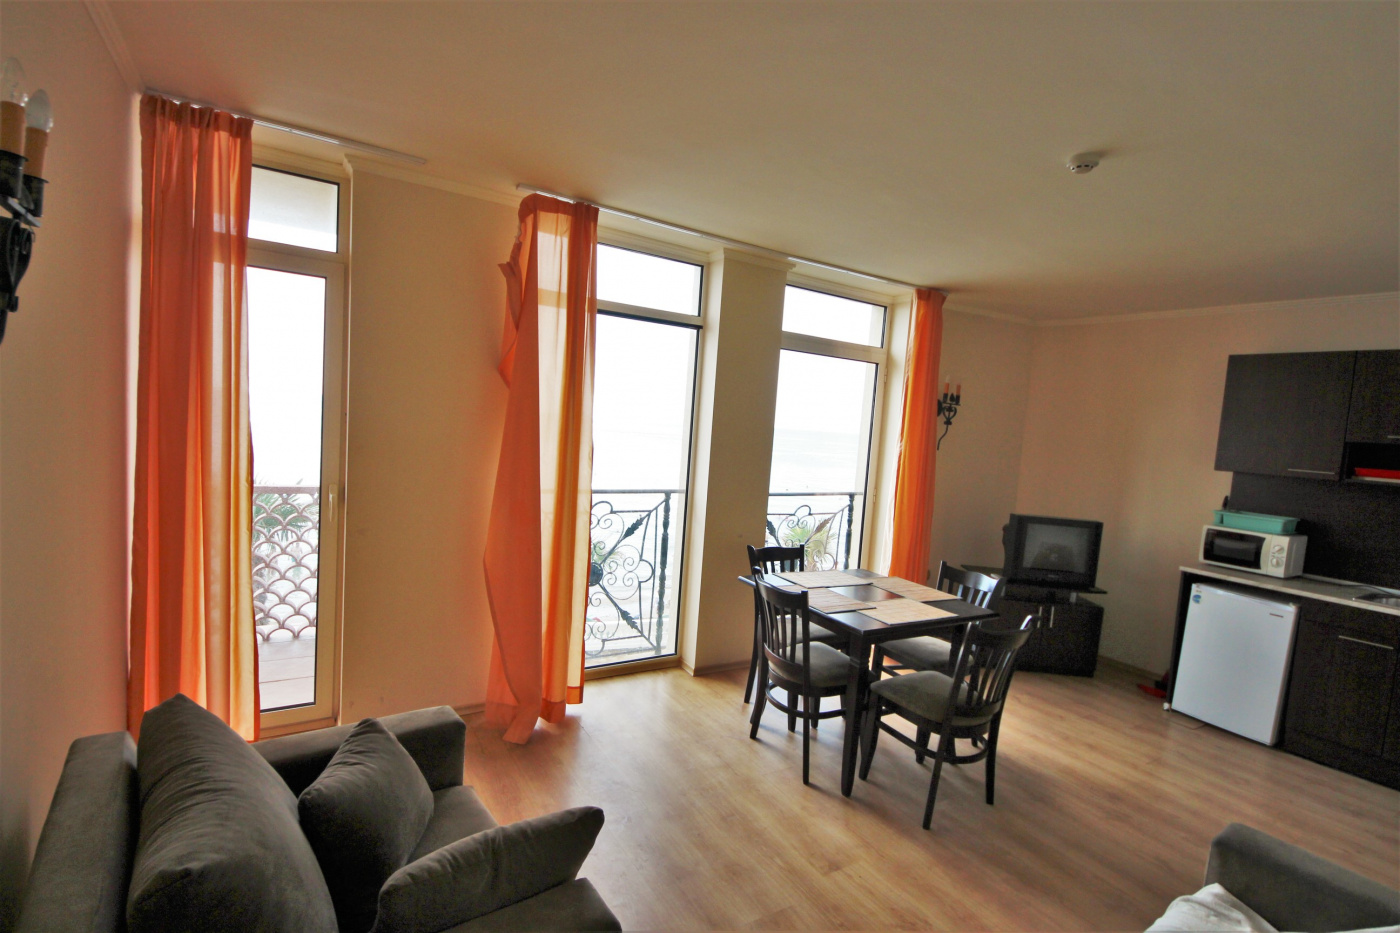 Andalucia Beach апартамент C 203